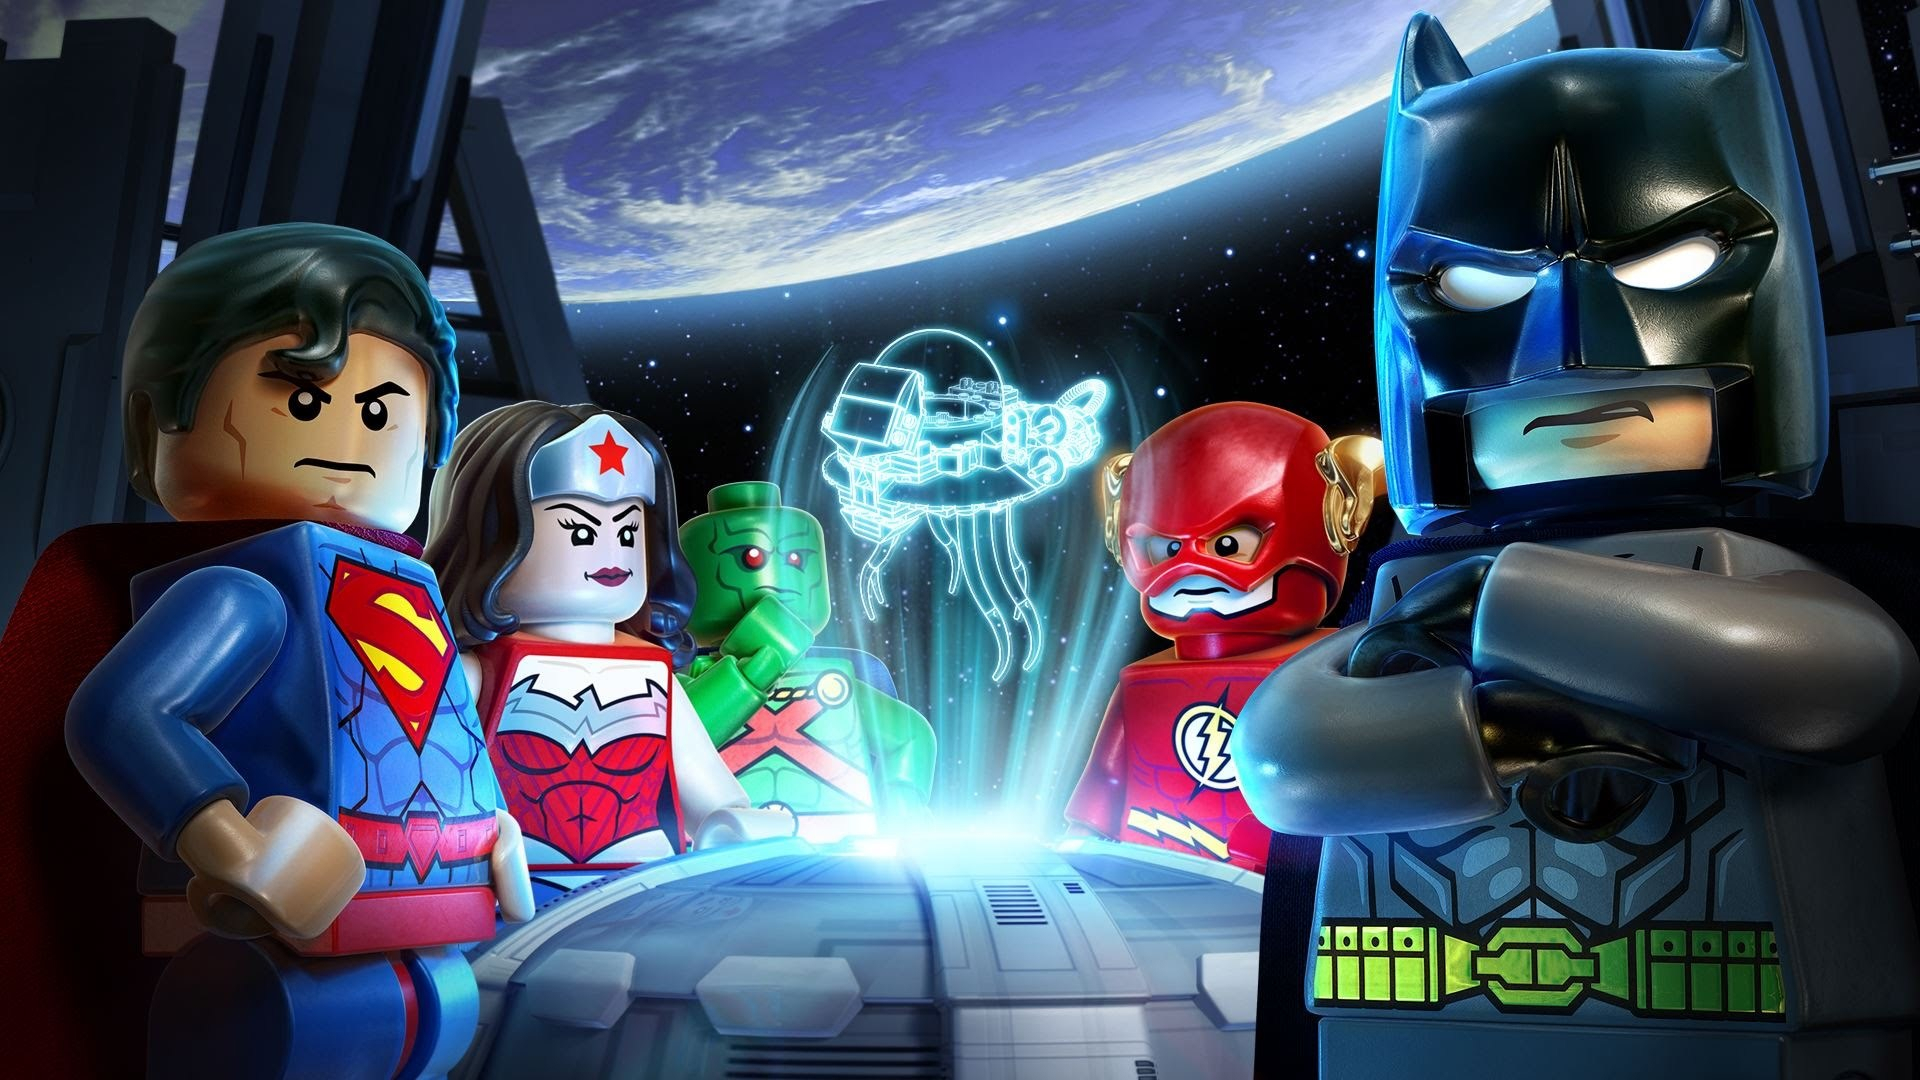 Lego-Spiele für Android